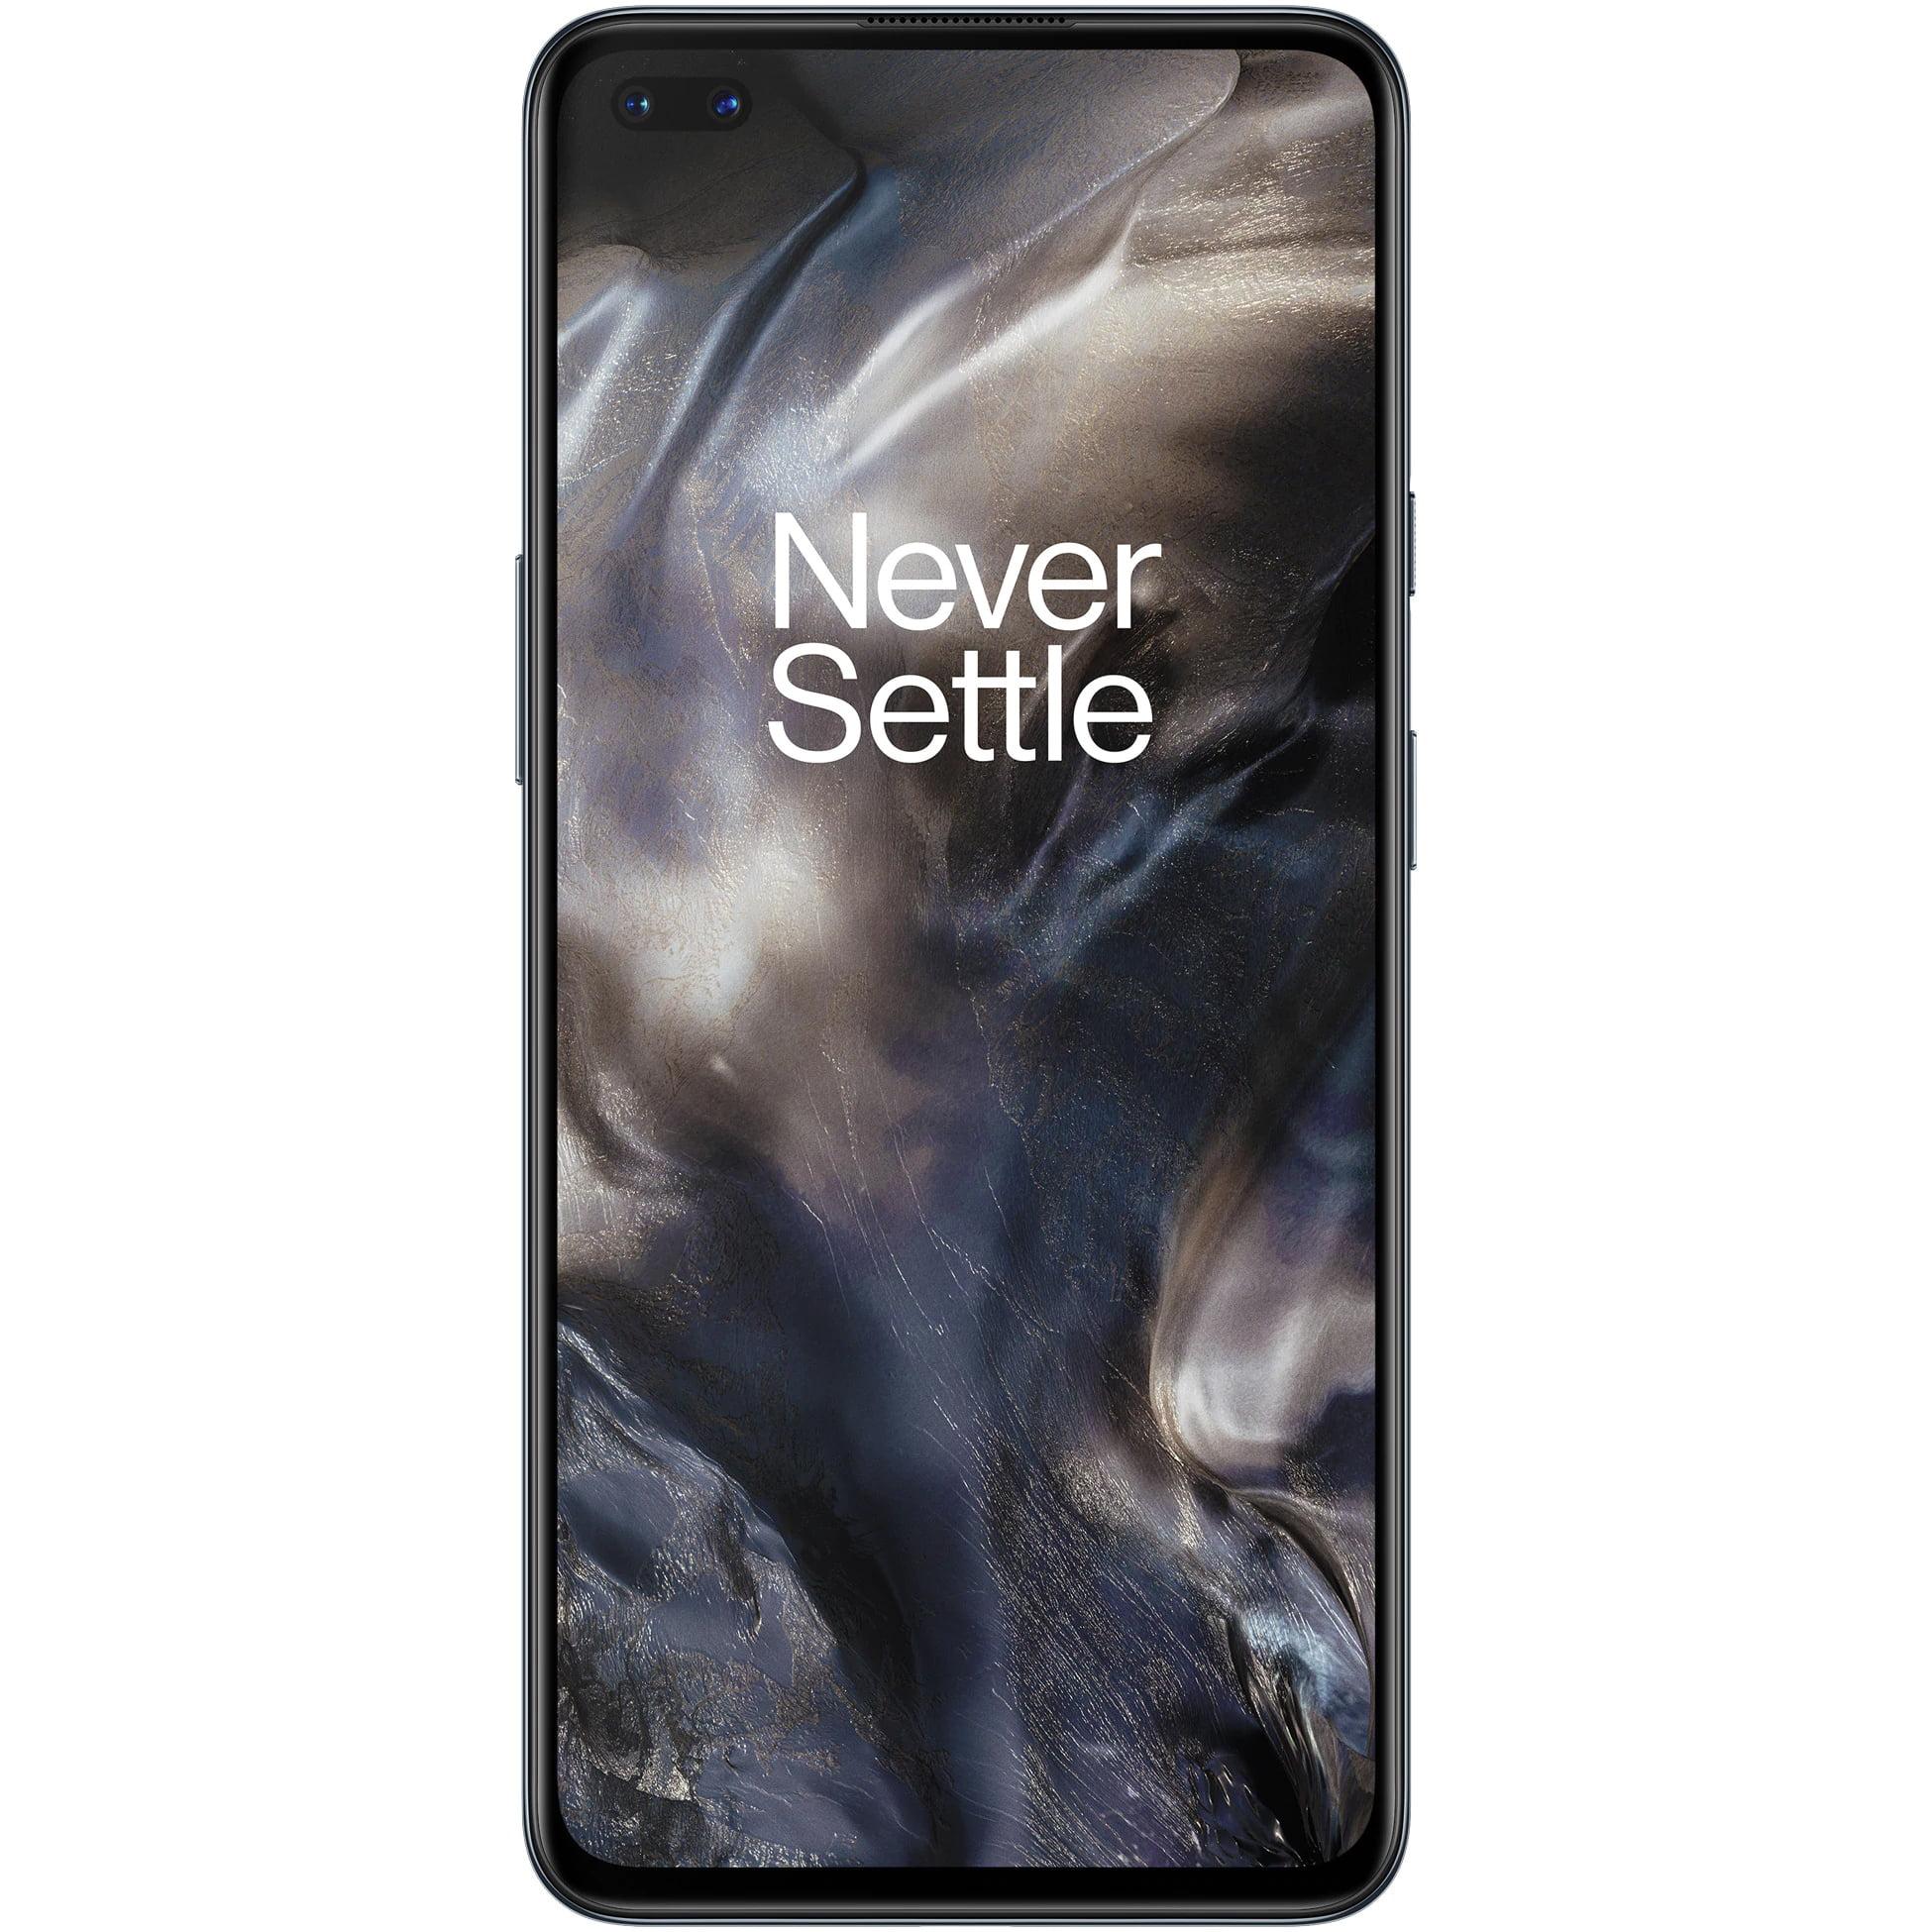 Telefon mobil OnePlus Nord, Dual SIM, 128GB, 8GB RAM, 5G, Gray Onyx